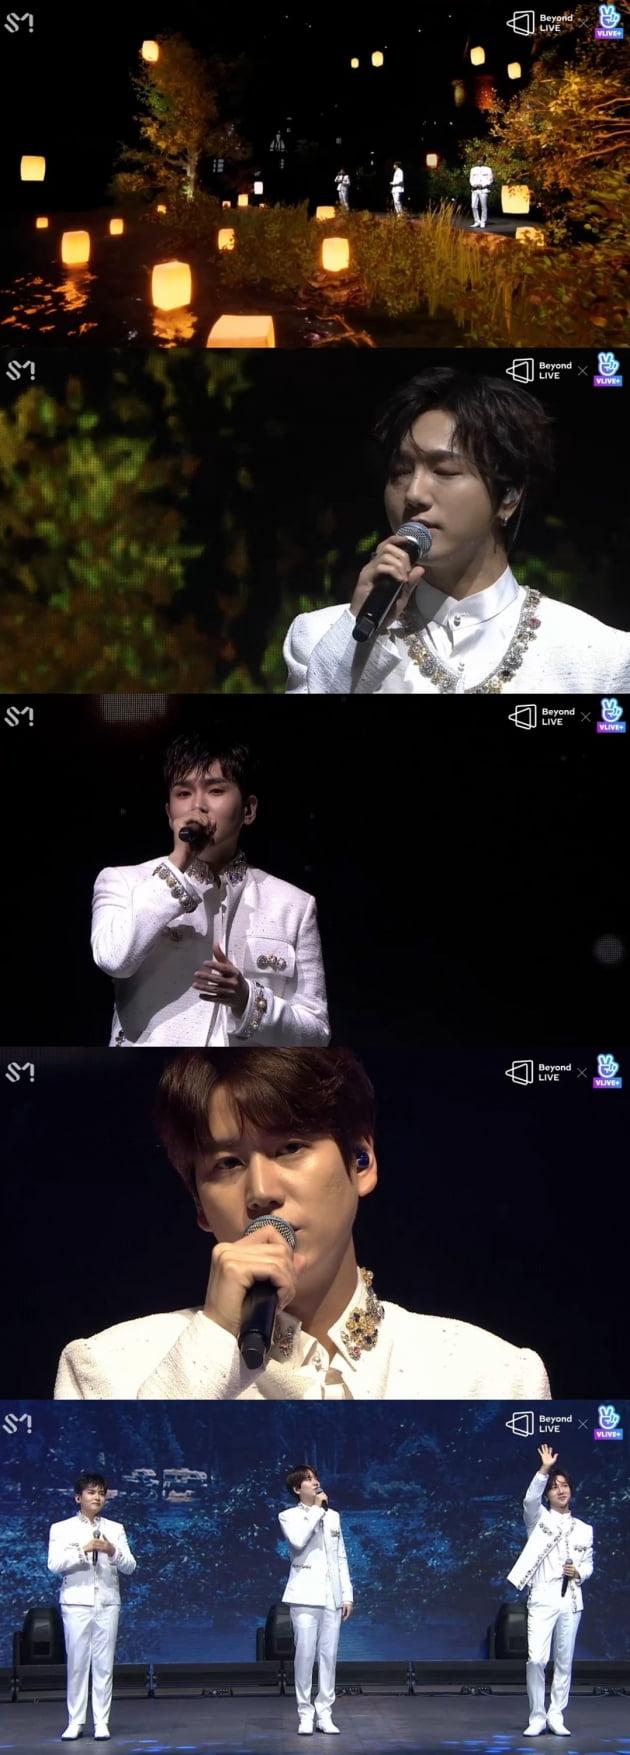 슈퍼주니어 K.R.Y. '비욘드 라이브' 개최 /사진=네이버V라이브 화면 캡처